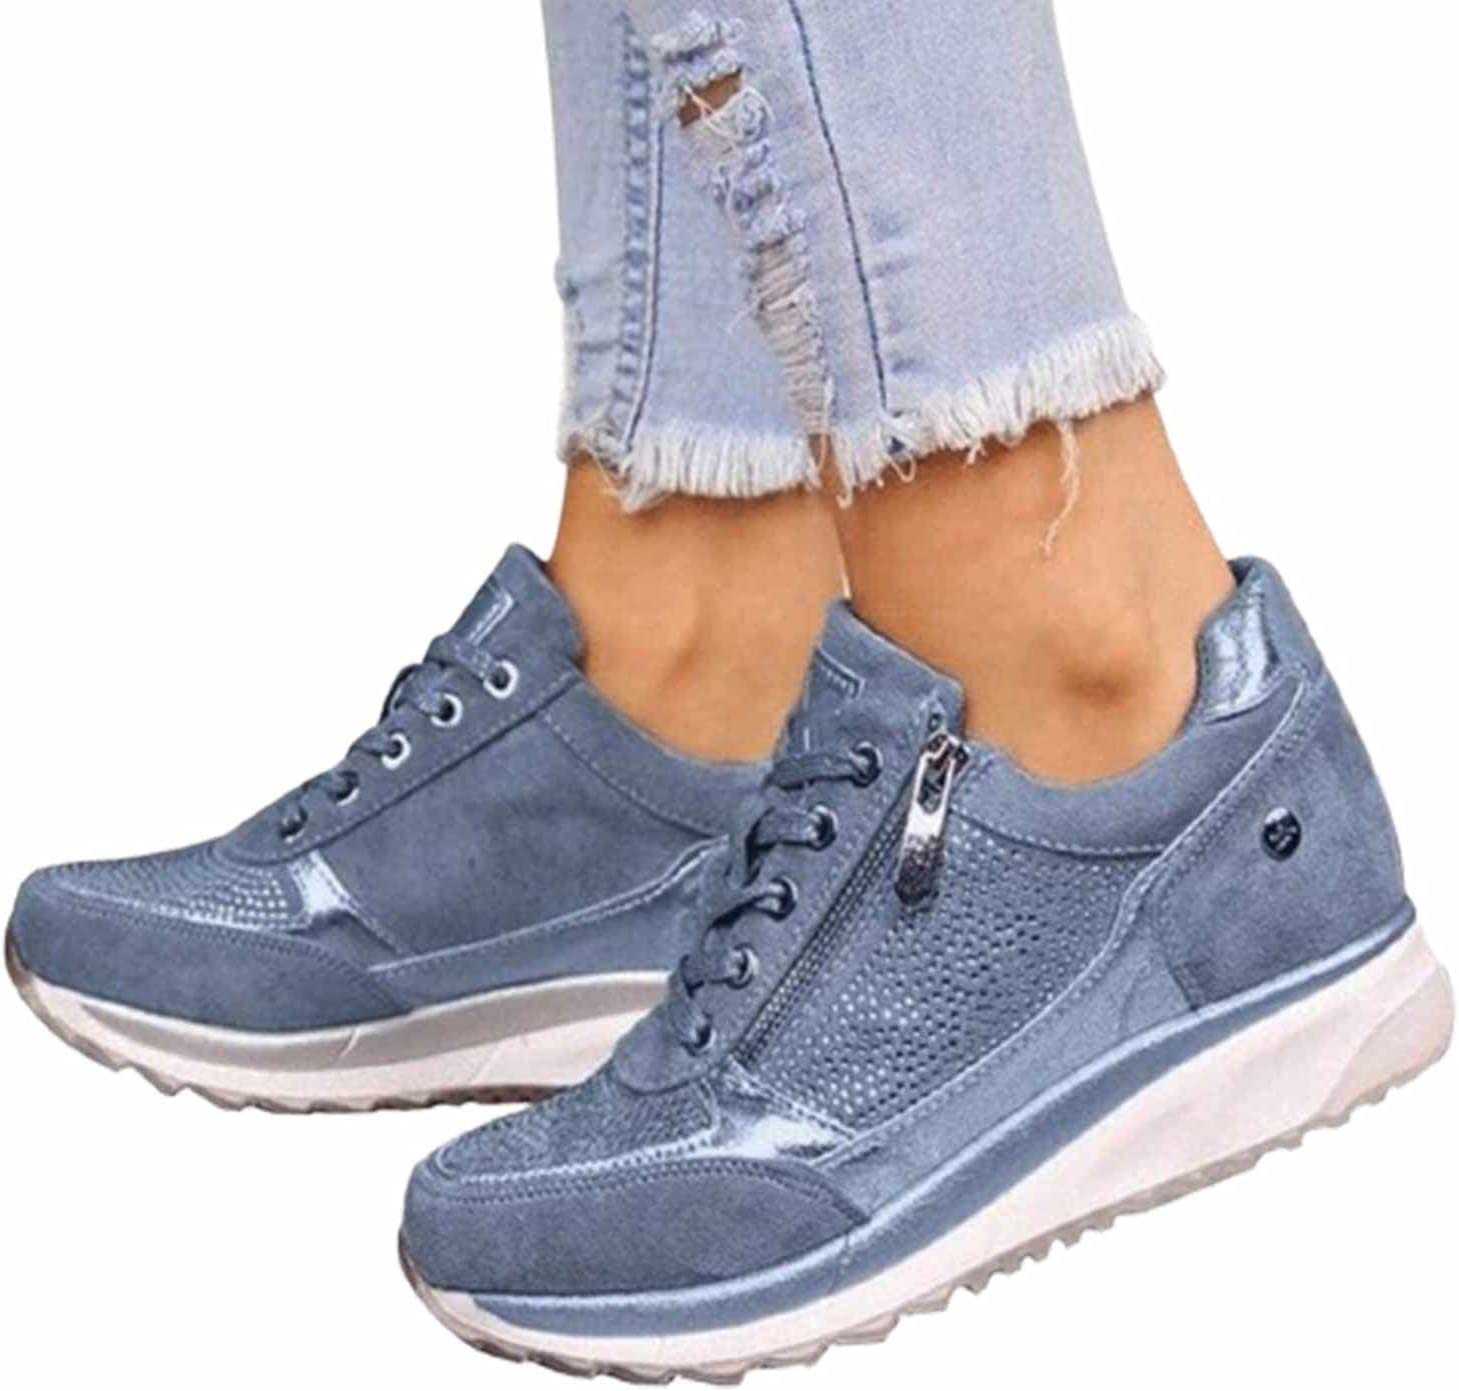 BBOOY Zapatillas de Deporte de cuña Ocultas para Mujer, Zapatillas Deporte Plataforma Cordones Superiores Diamantes imitación Moda, Cremalleras Doble Cara, Mocasines ortopédicos Fitness